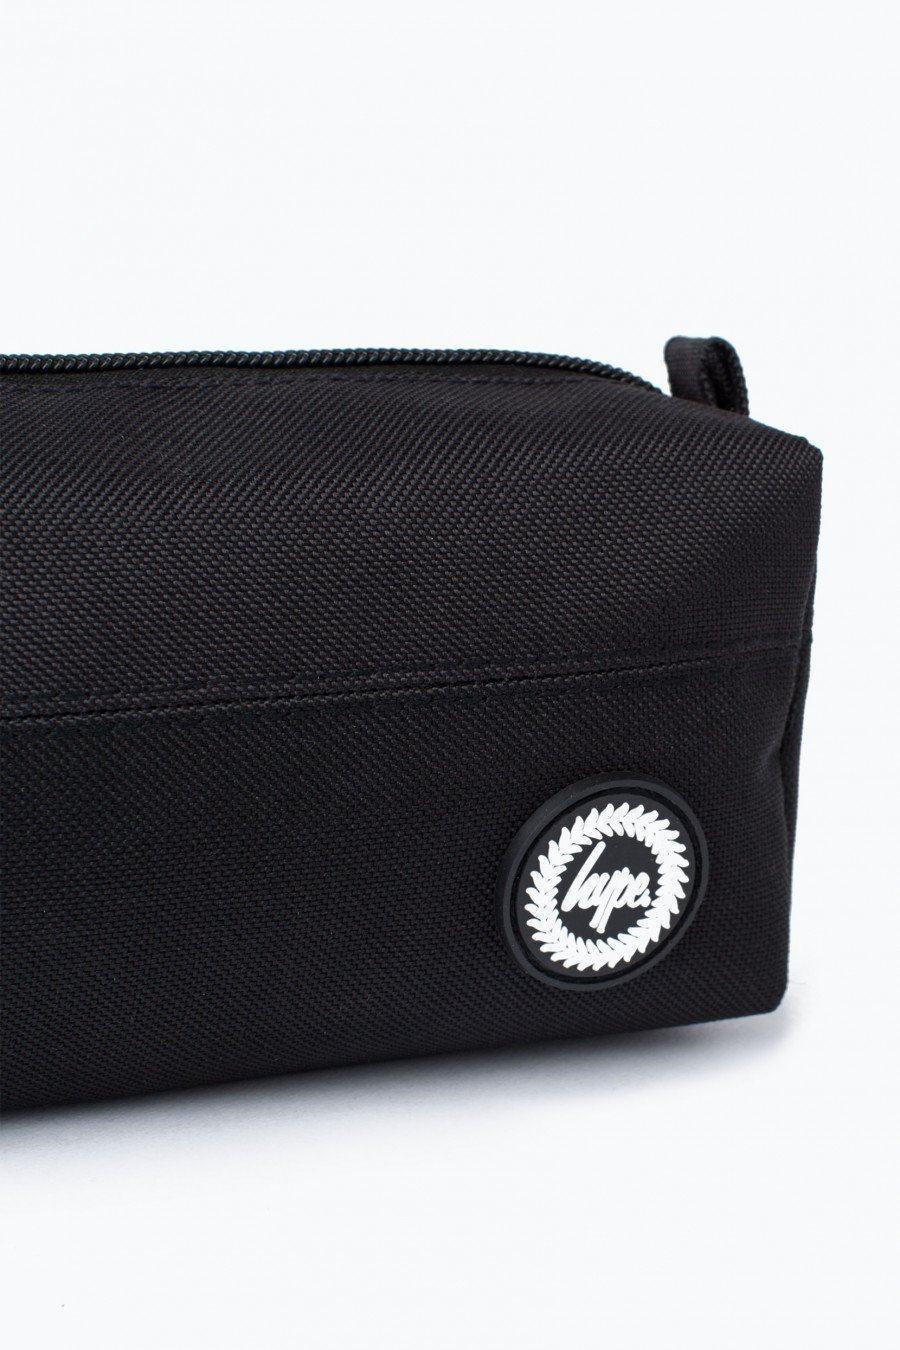 HYPE Bts17 Black Core Pencil Case